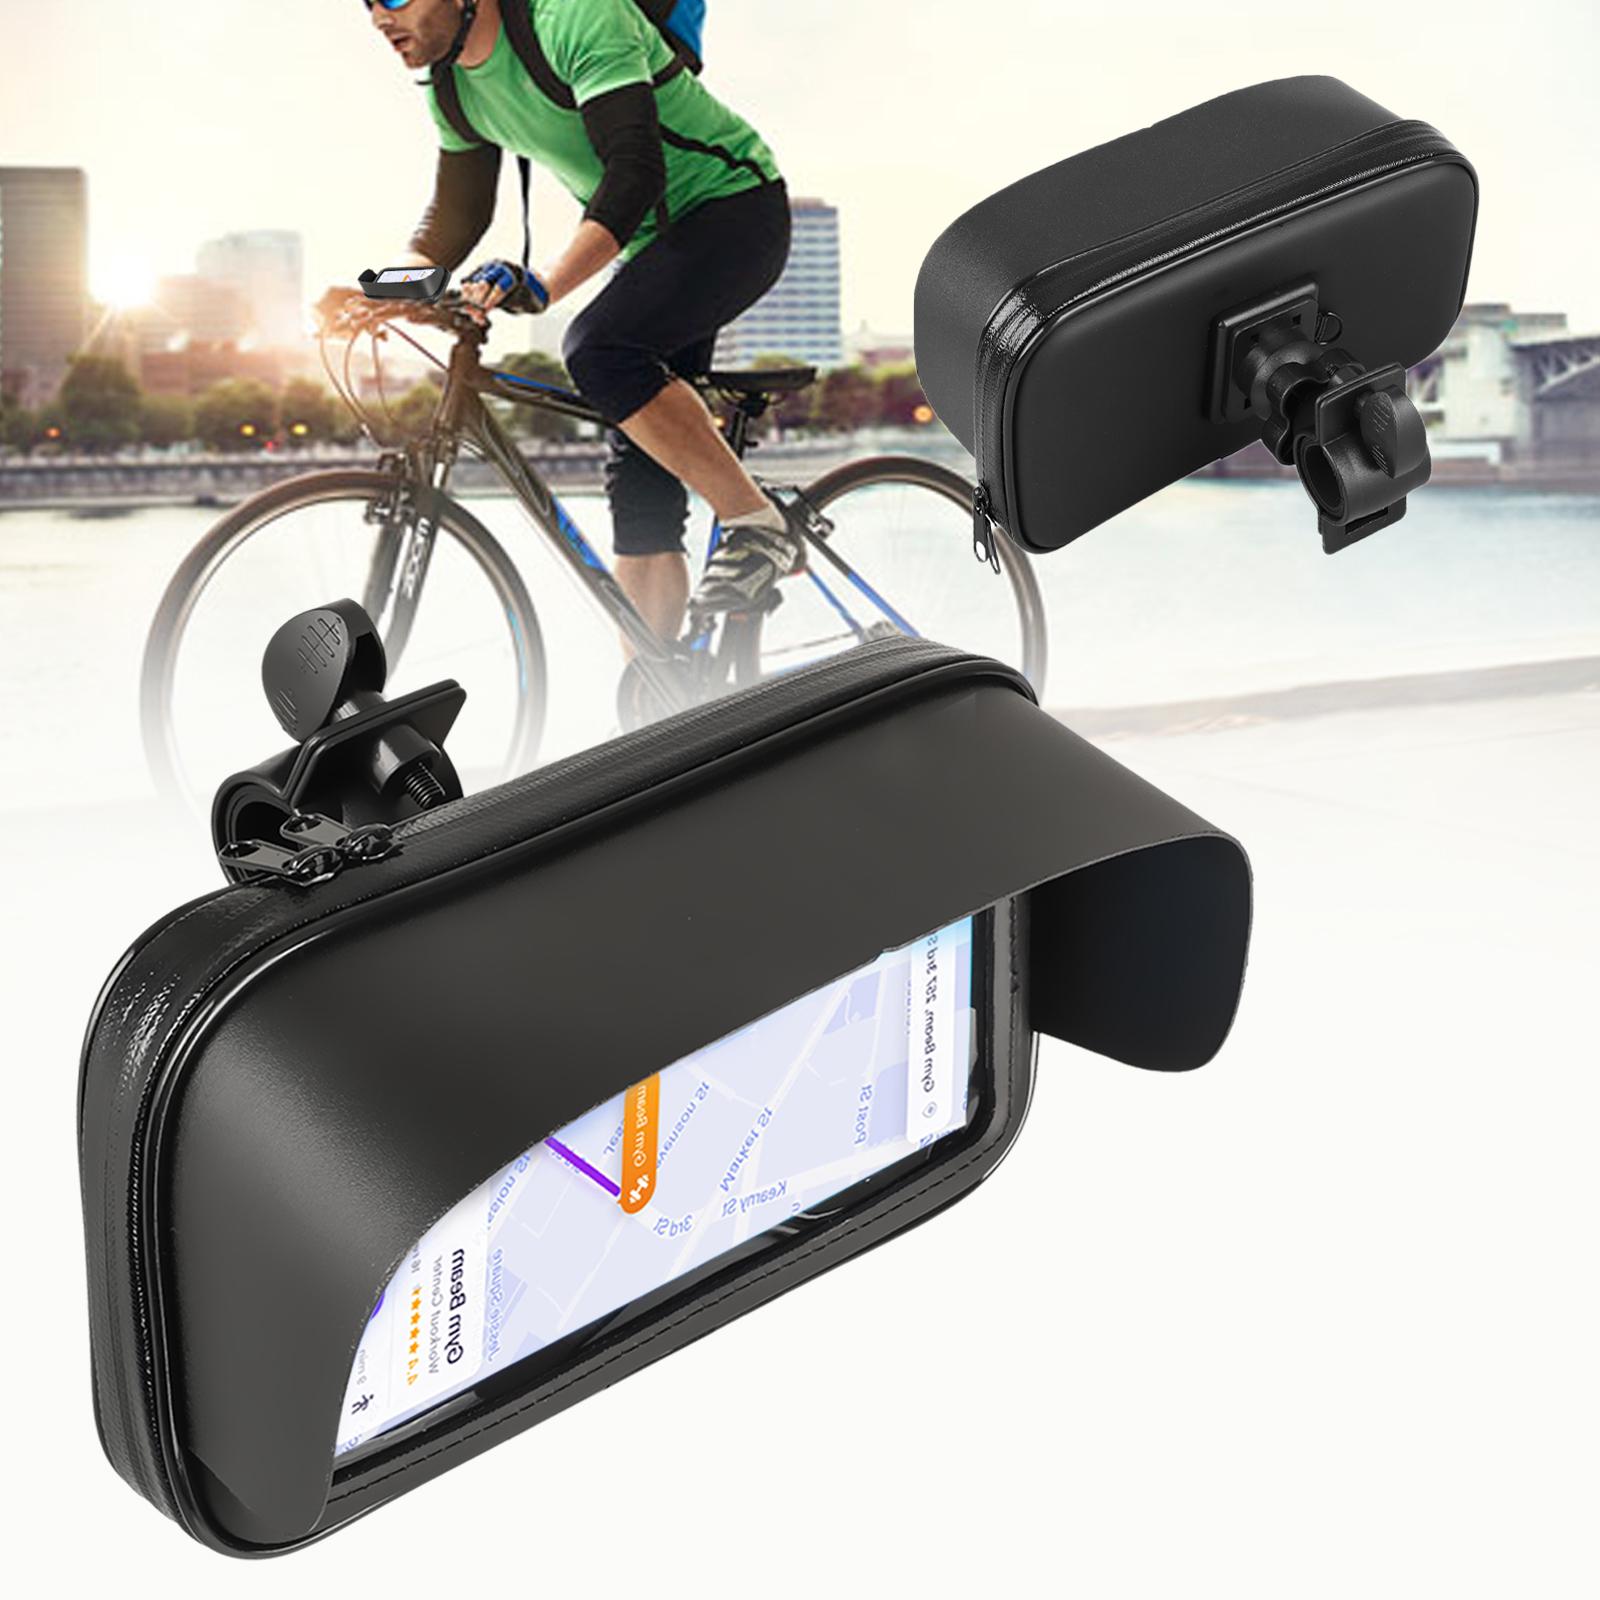 Bike Bicycle Motorcycle Waterproof Phone Case Bag Handlebar